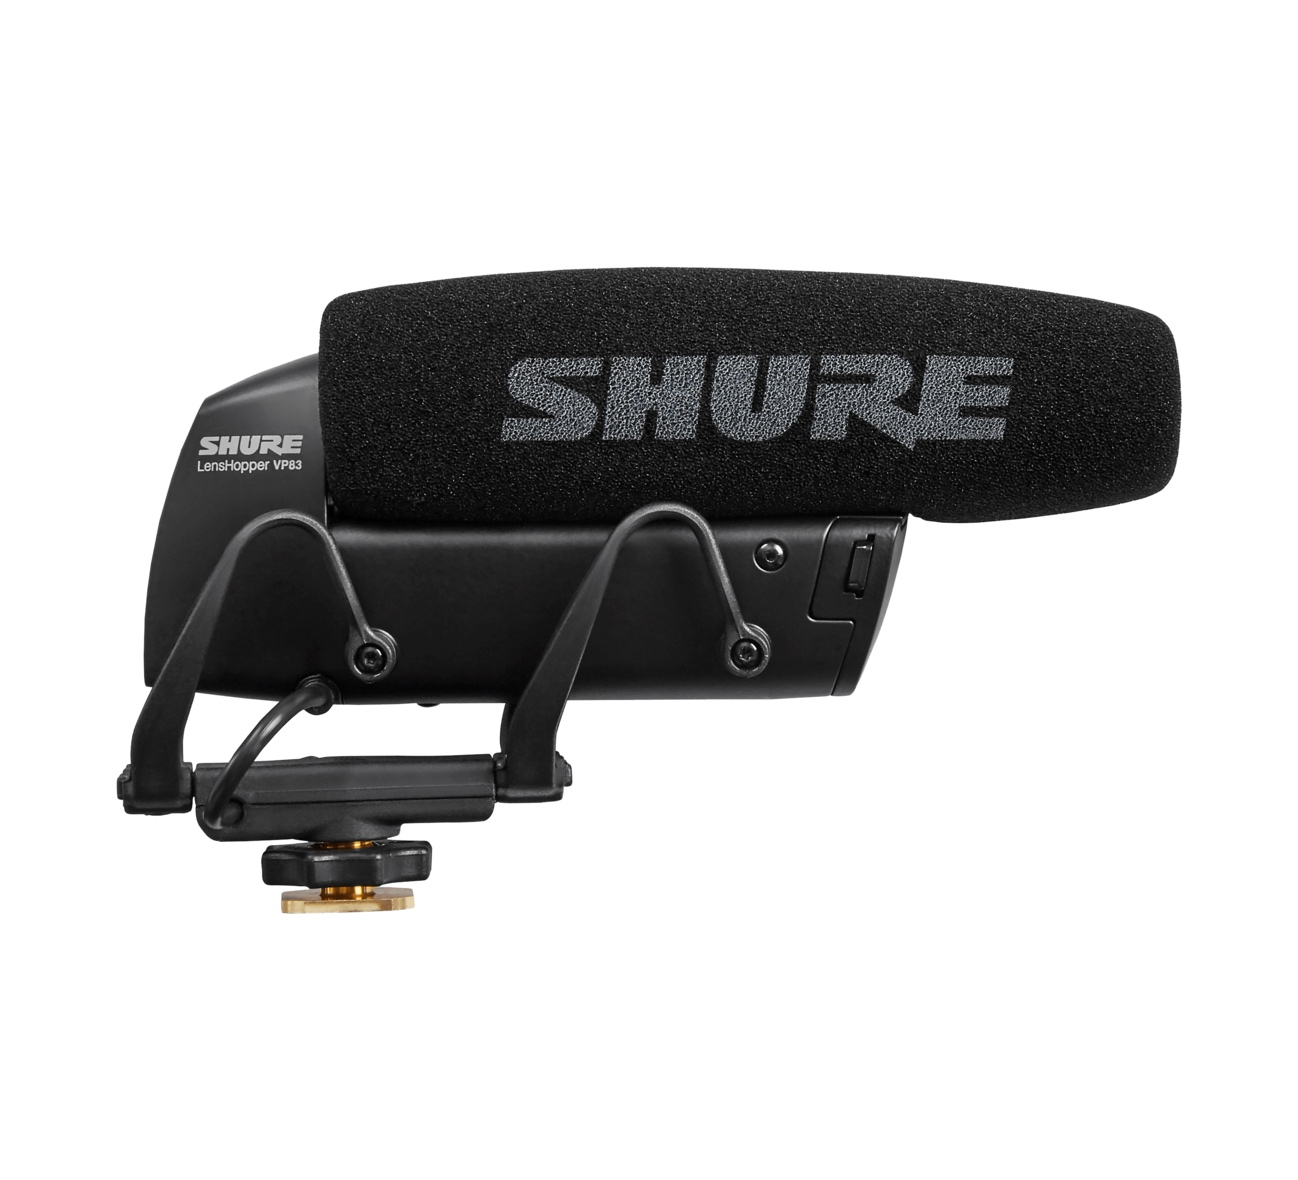 Microfone Shotgun para Cameras VP83 Shure